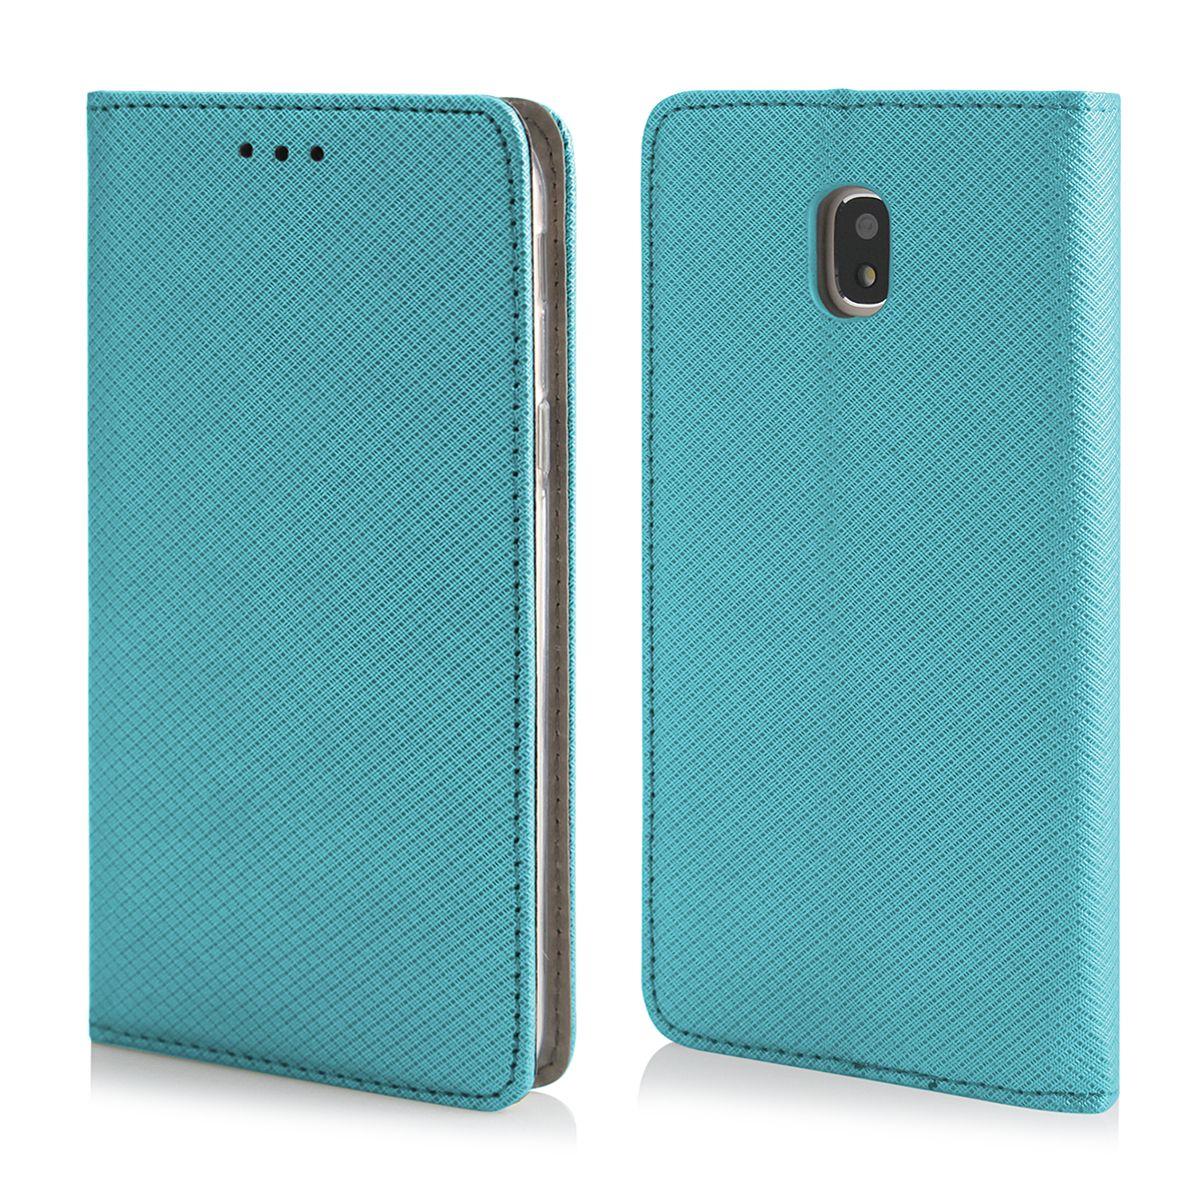 Pouzdro na Samsung A600 A6 2018 - Flip case magnet - tyrkysové Ego mobile 7d2b7f6d861